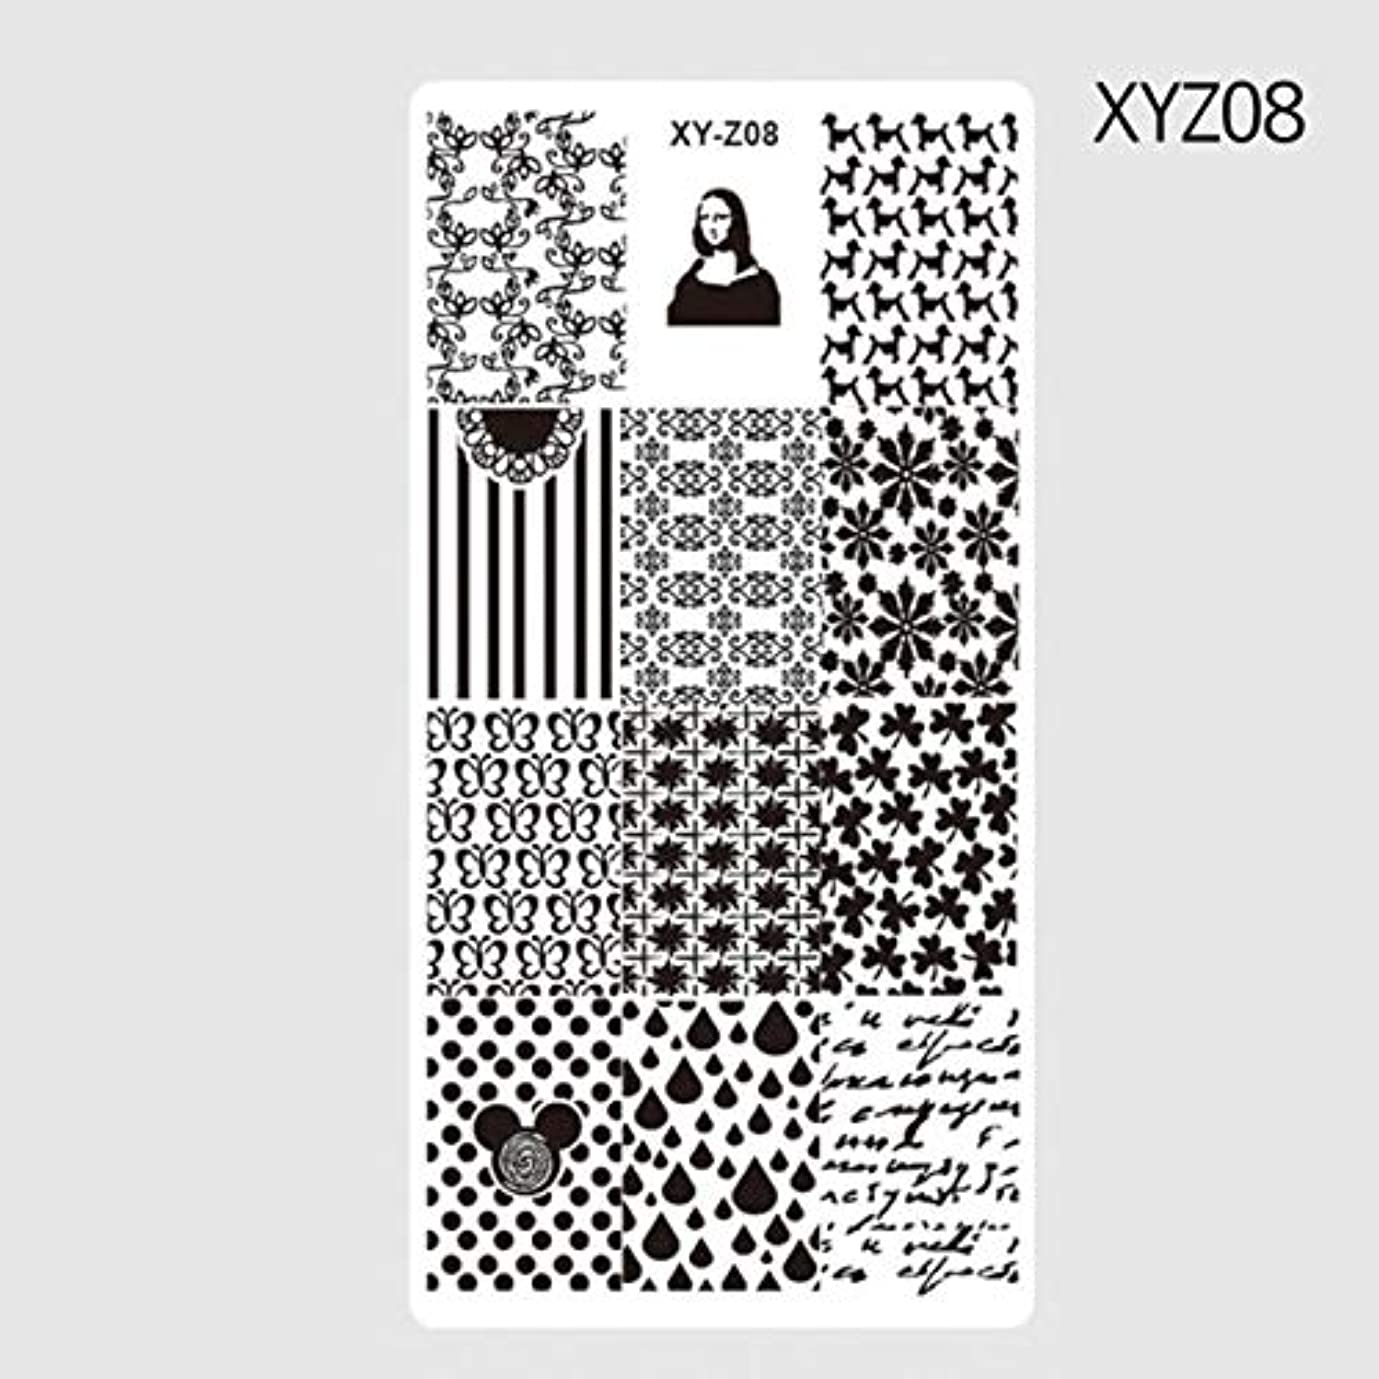 物思いにふける策定するトレードCELINEZL CELINEZL 3 PCS長方形ネイルスタンピングテンプレート風車の花のパターンDIYネイルデザイン(XYZ01) (色 : XYZ08)